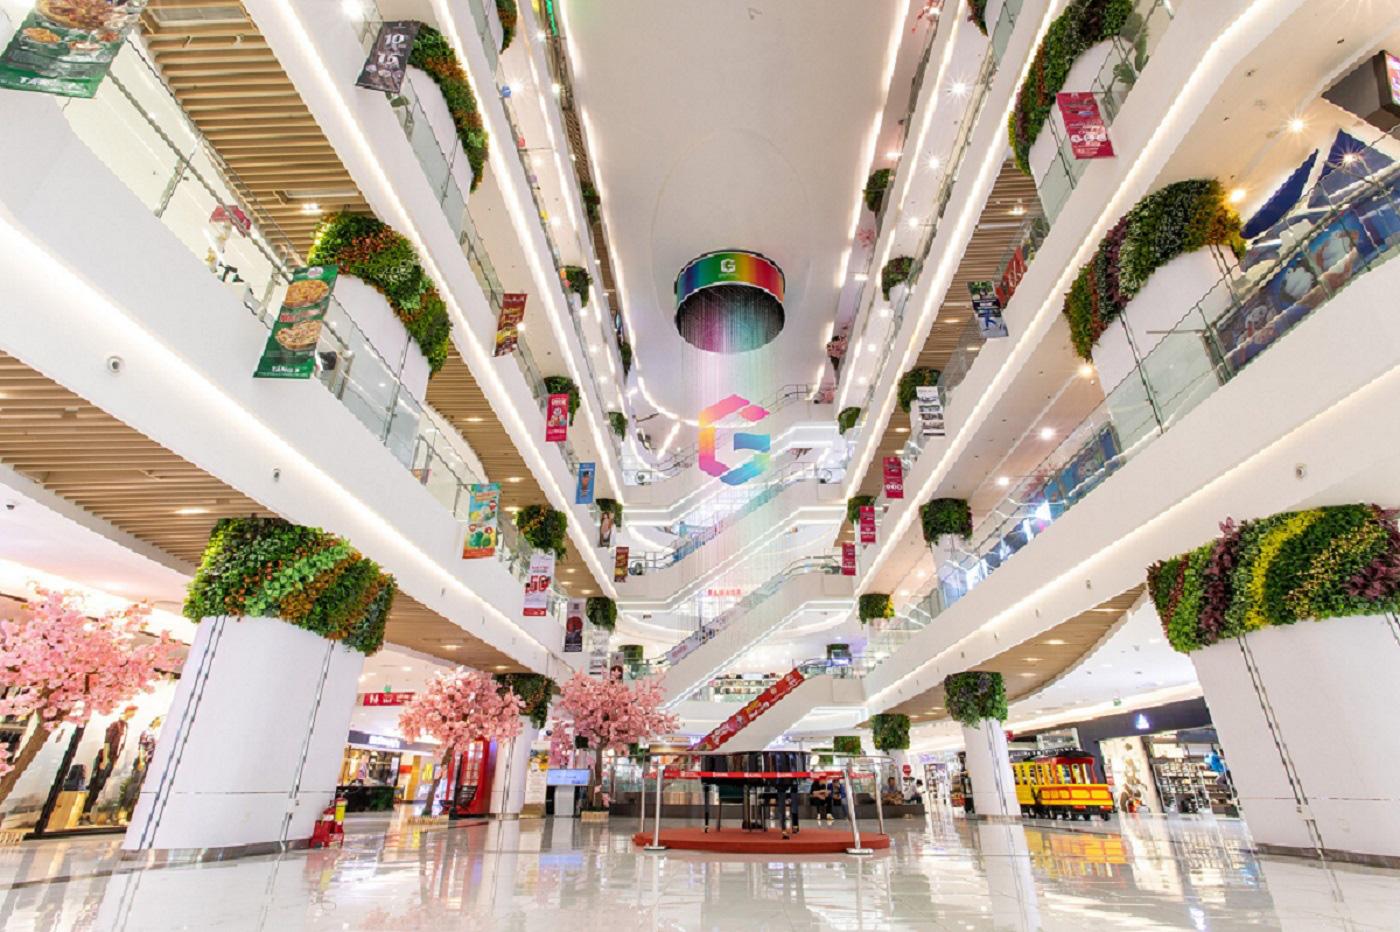 5 trải nghiệm đặc biệt chỉ có tại Gigamall – Trung tâm thương mại phía Đông Sài Gòn - Ảnh 1.